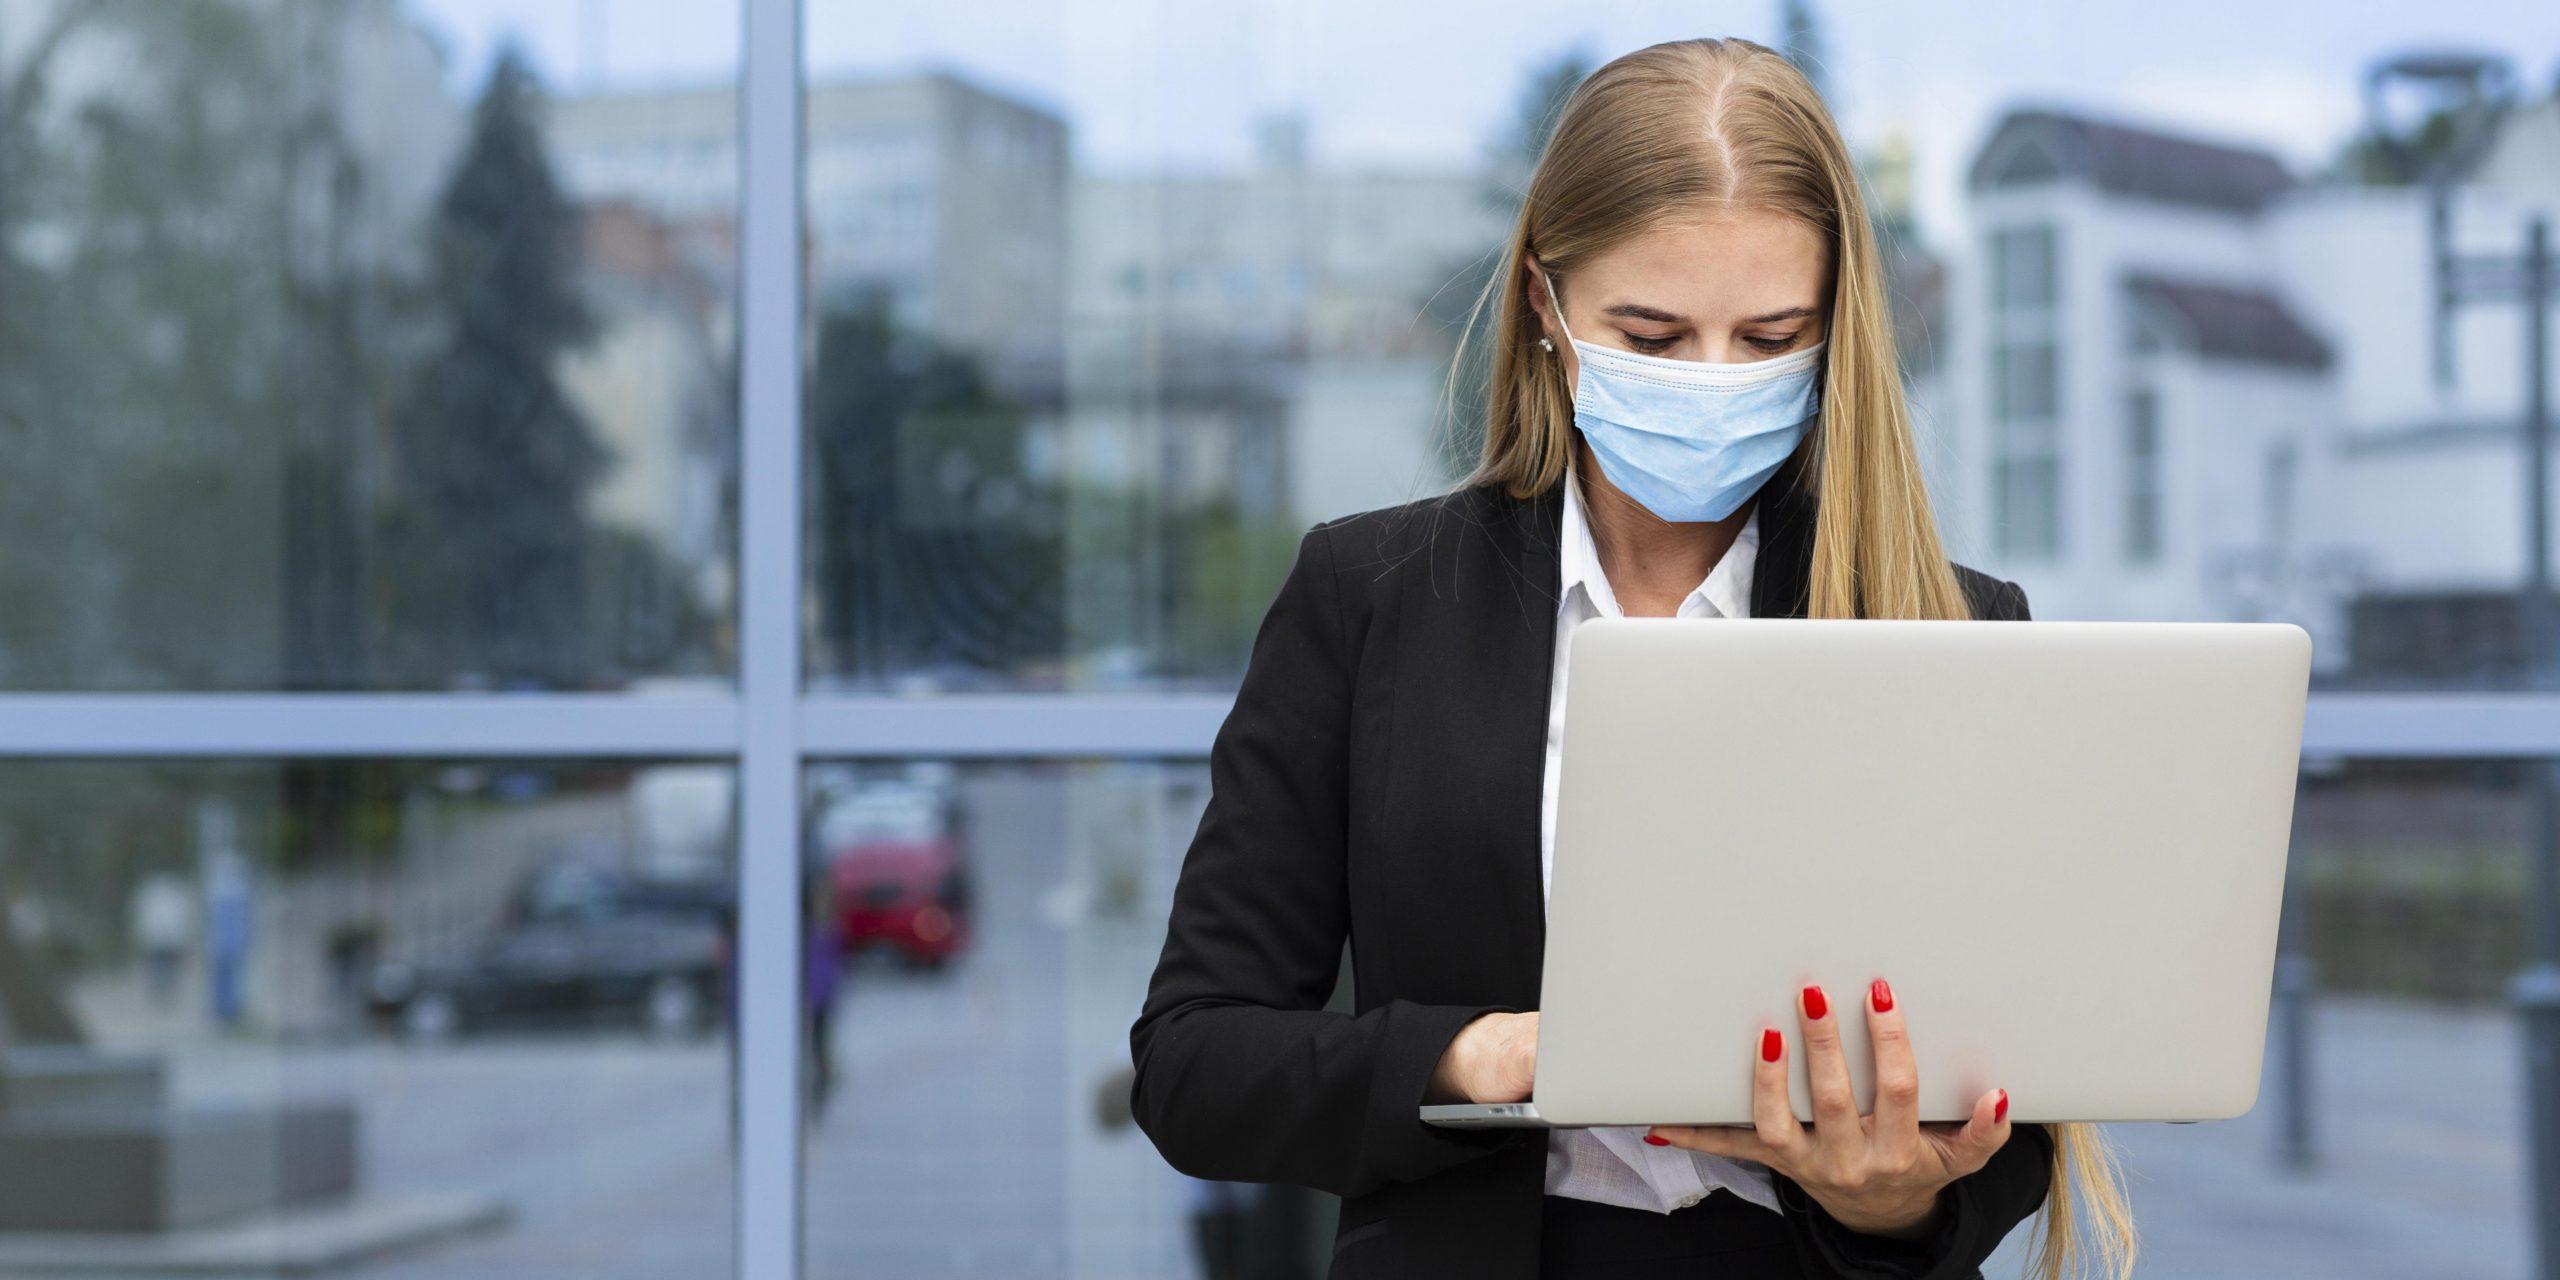 Oszustwa cybernetyczne oraz ataki ransomware rozkwitają dzięki pandemii